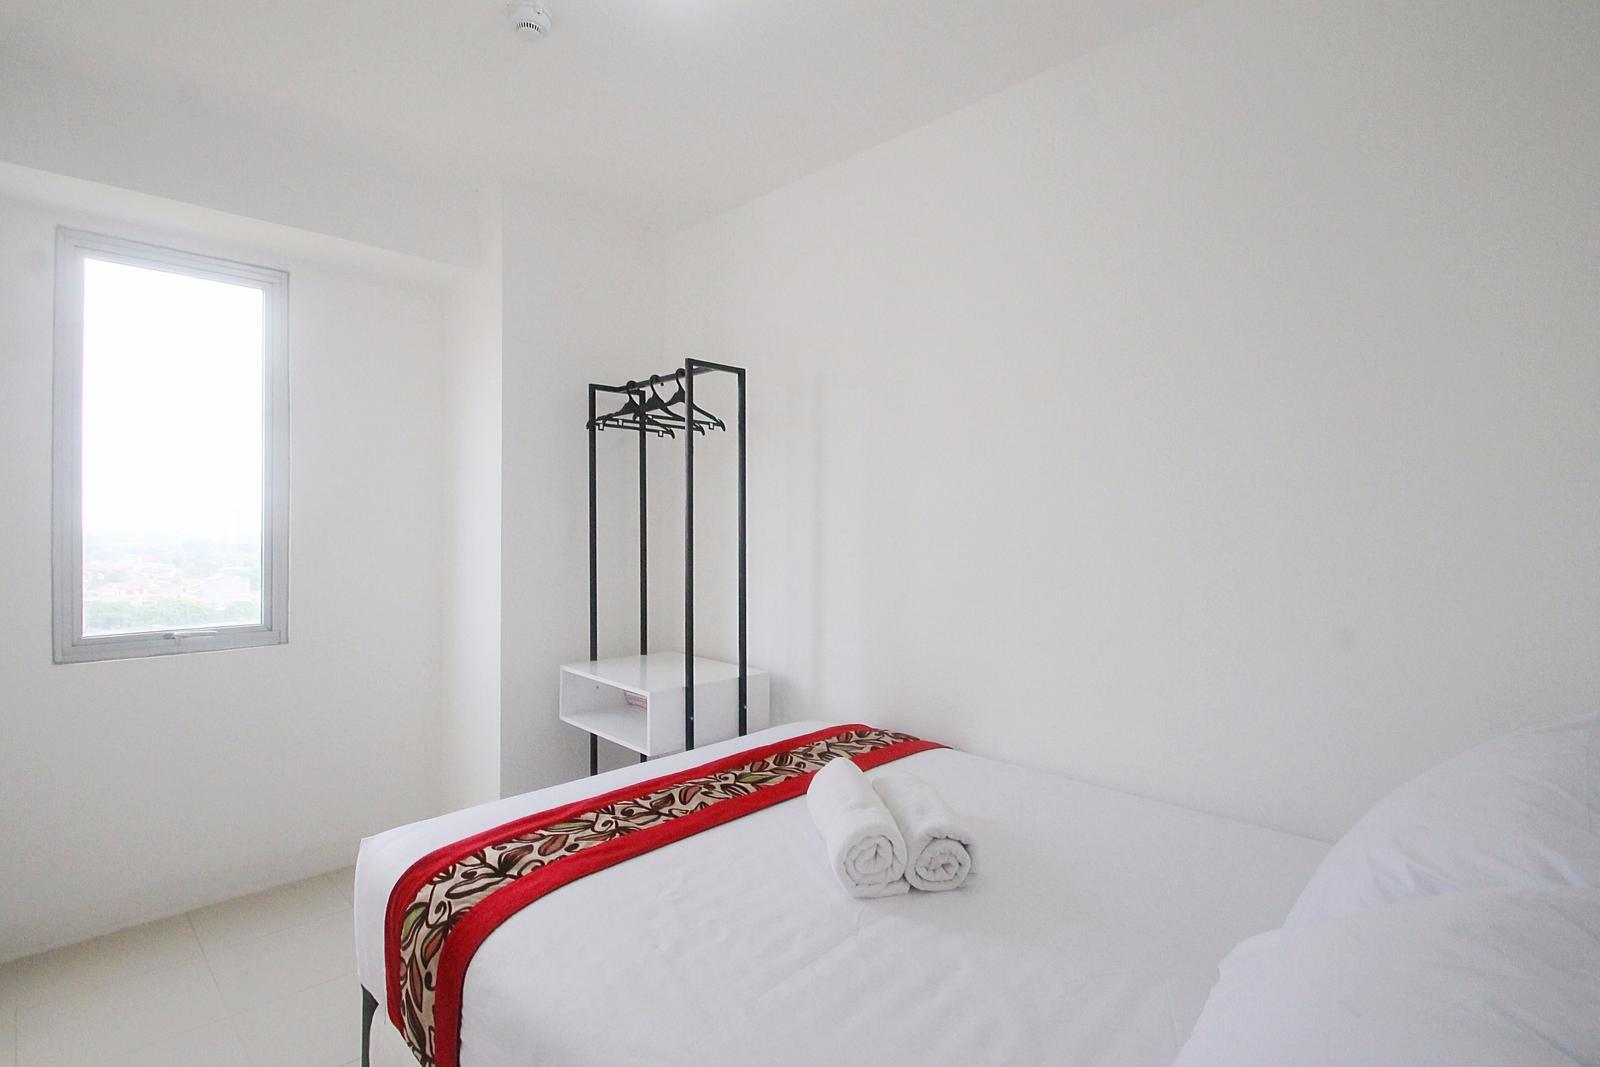 Bassura City Cipinang - 1 BR White Apartment @ Bassura City By The Condotel